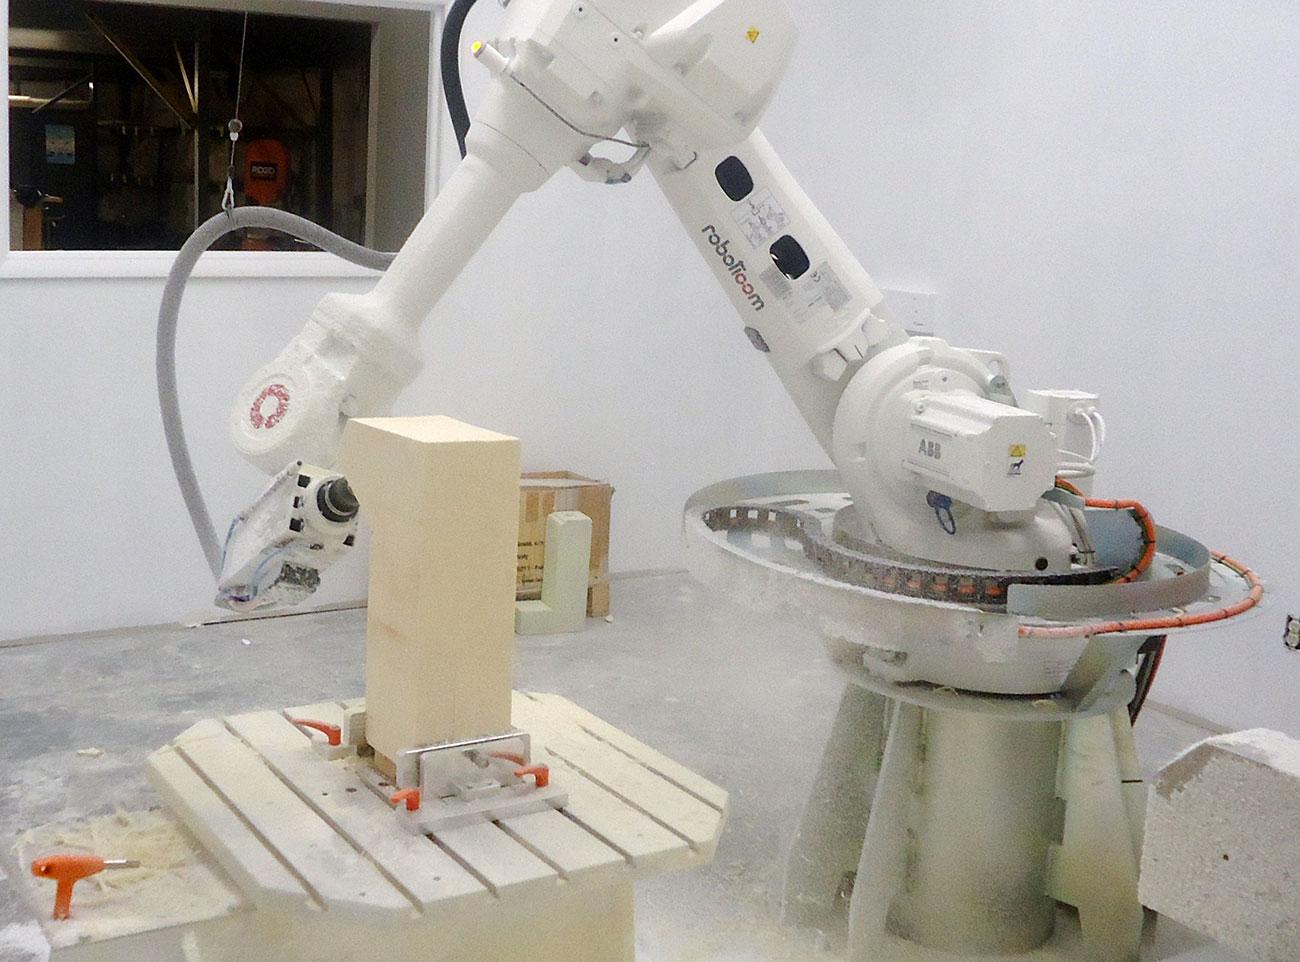 Ortis Roboticom